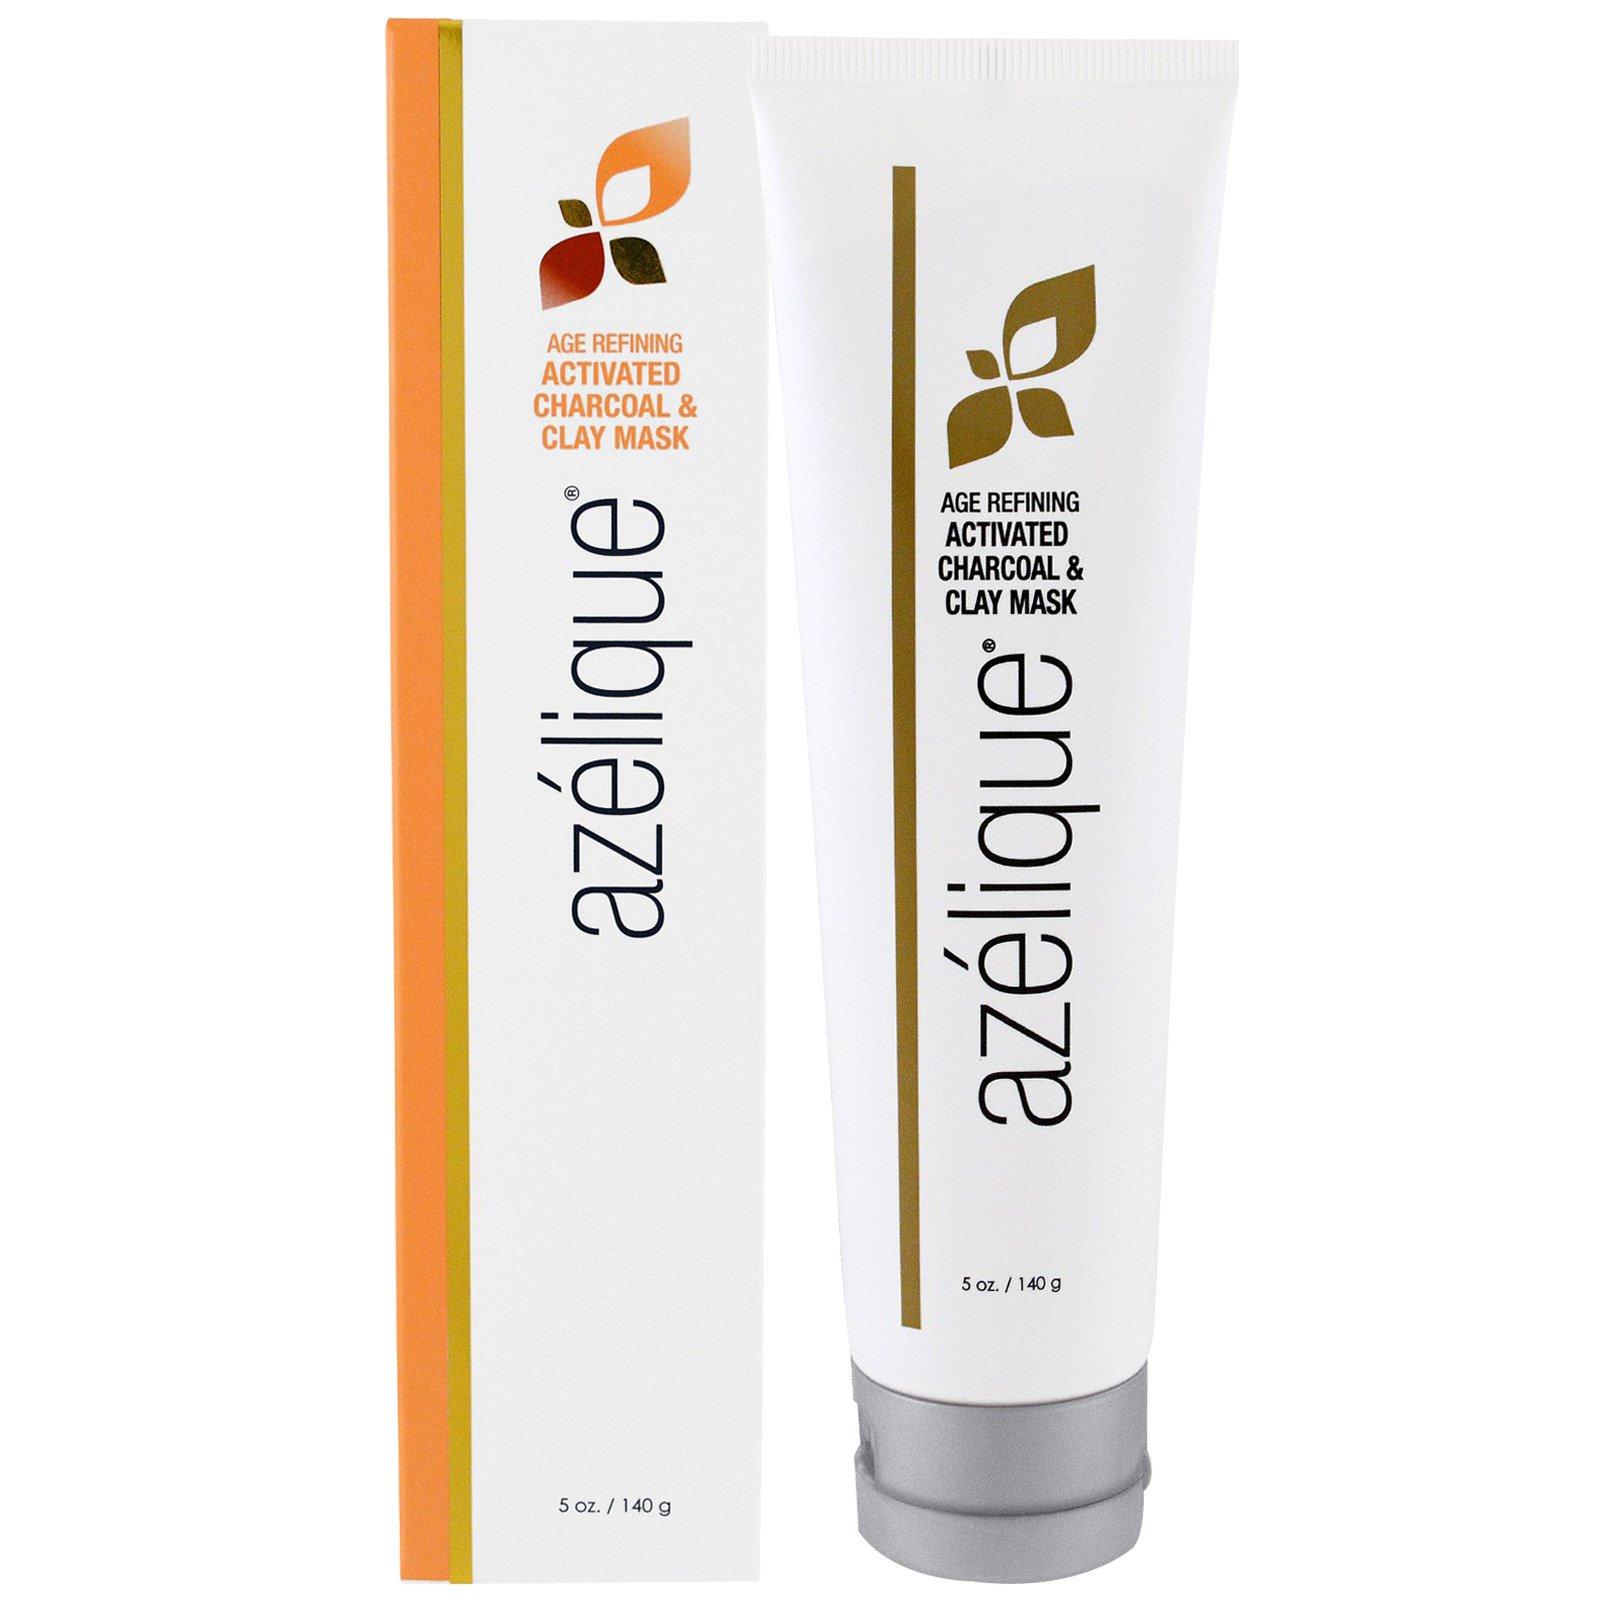 Azelique, Антивозрастная маска с активированным углем & глиной, с азелаиновой кислотой, выводит токсины и успокаивает кожу, без парабенов, без сульфатов, 5 унций (140 г)